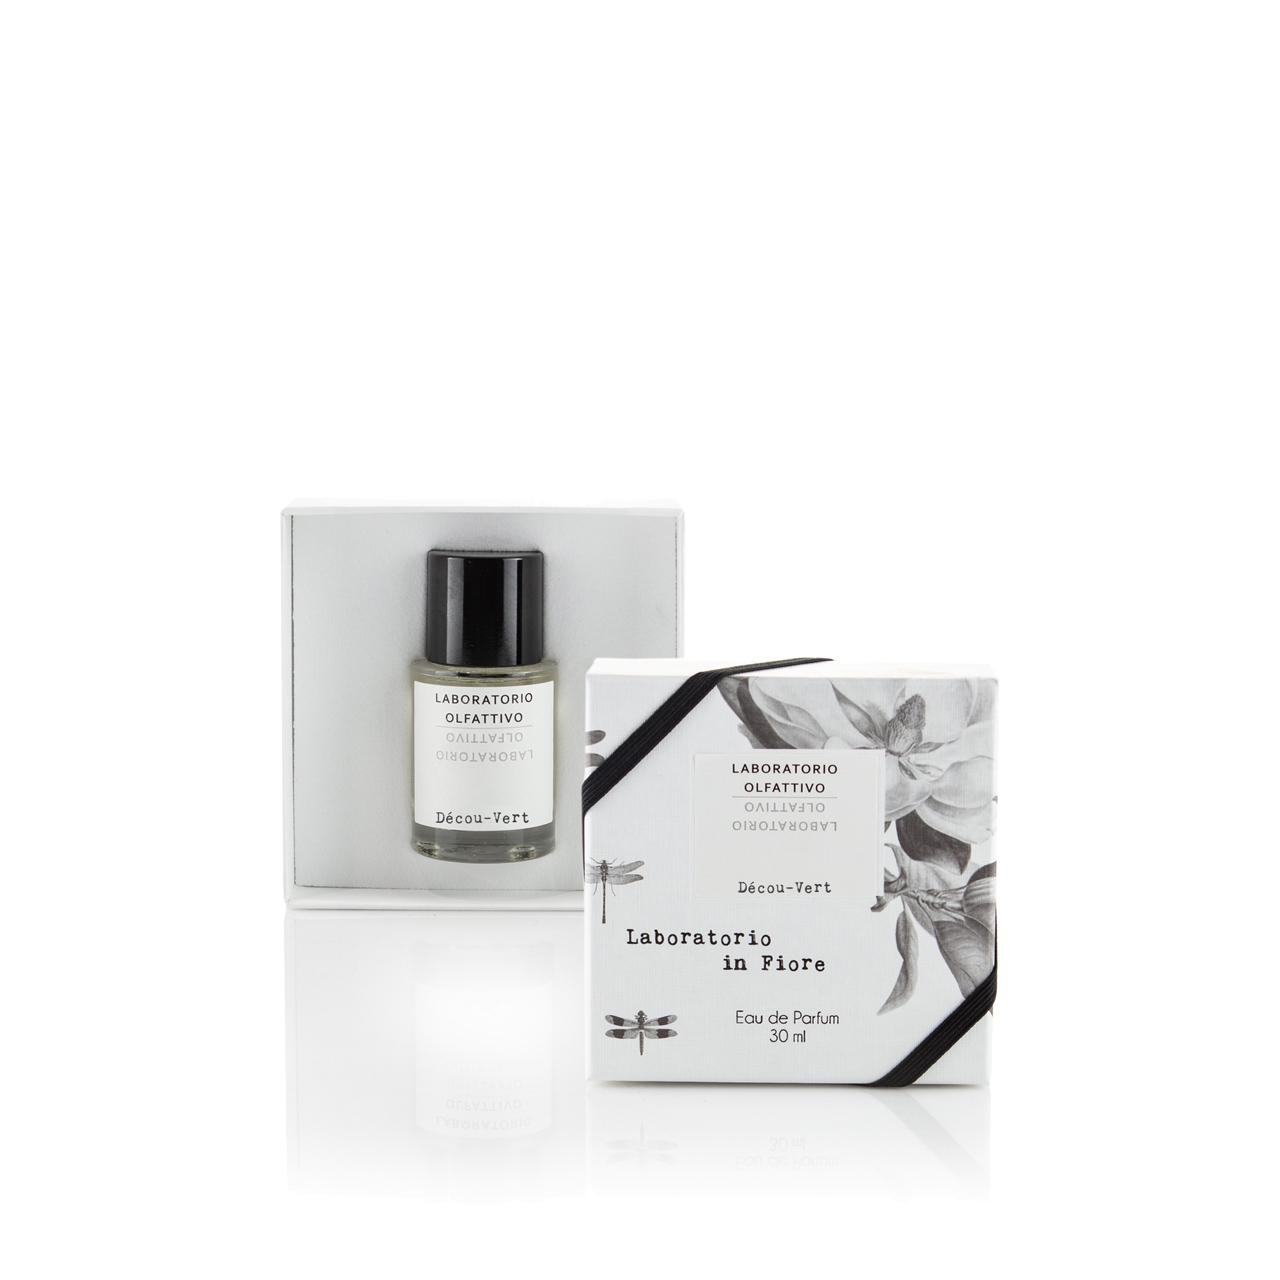 Décou-Vert - Eau de Parfum